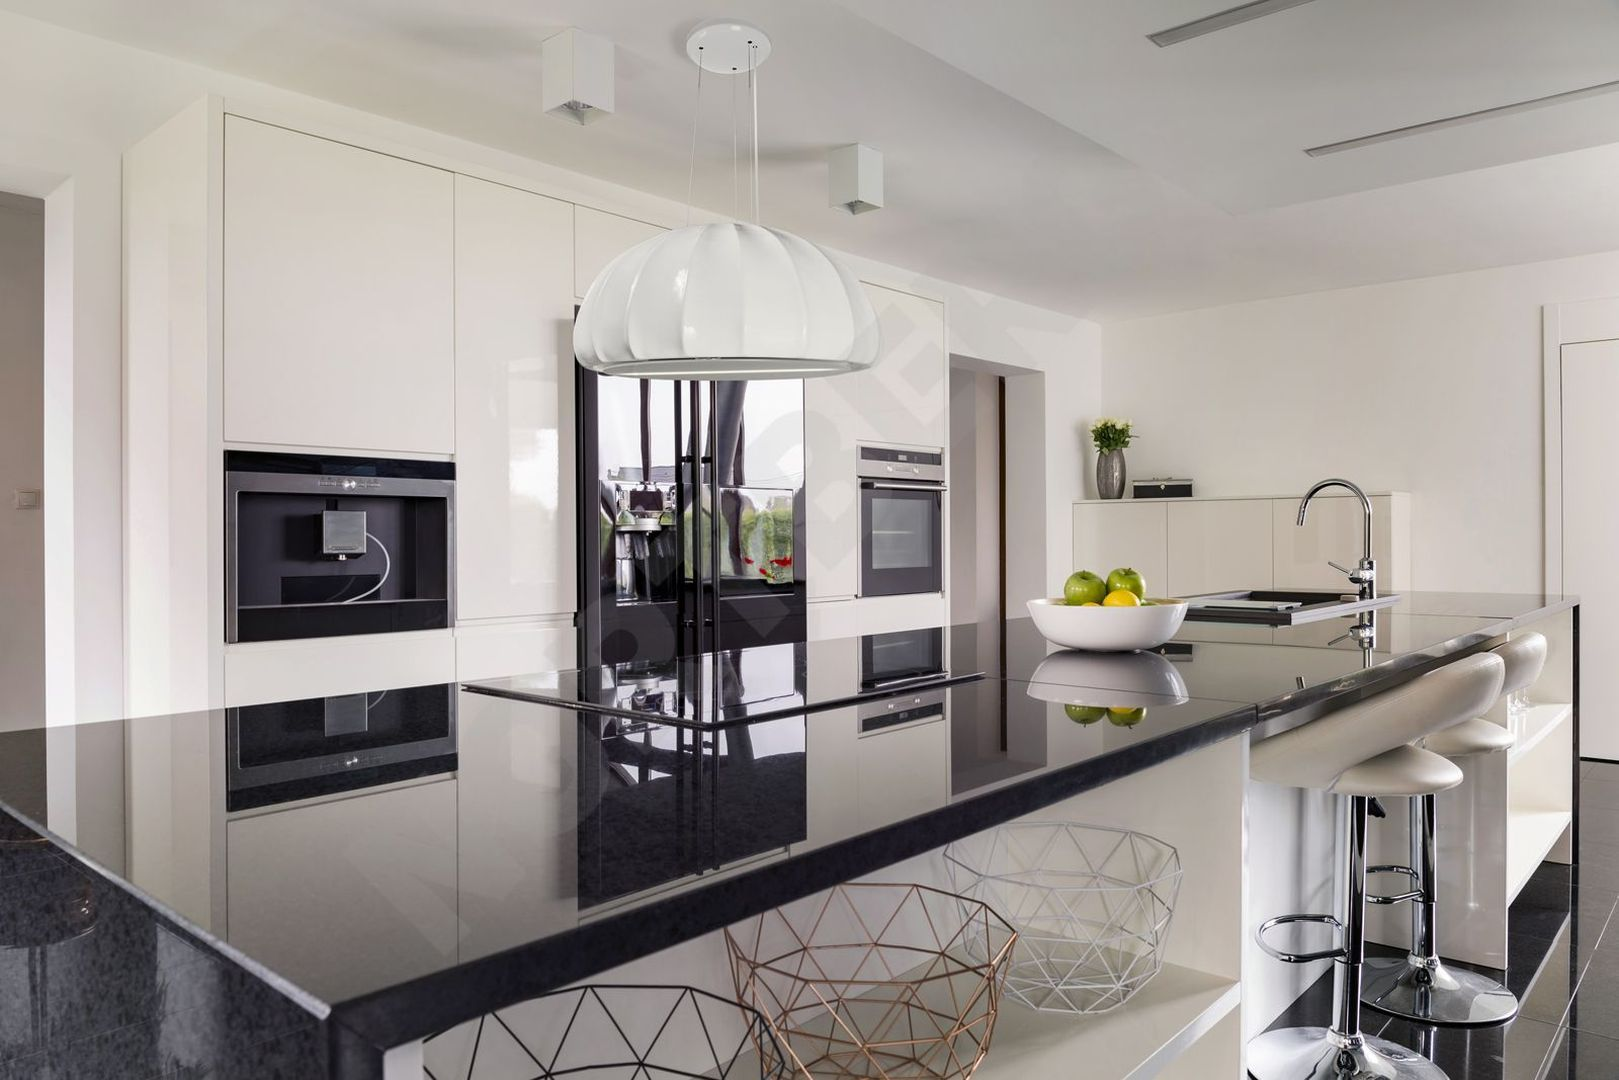 Tulip White Kitchen Island With Seating Kitchen Design Kitchen Island Design